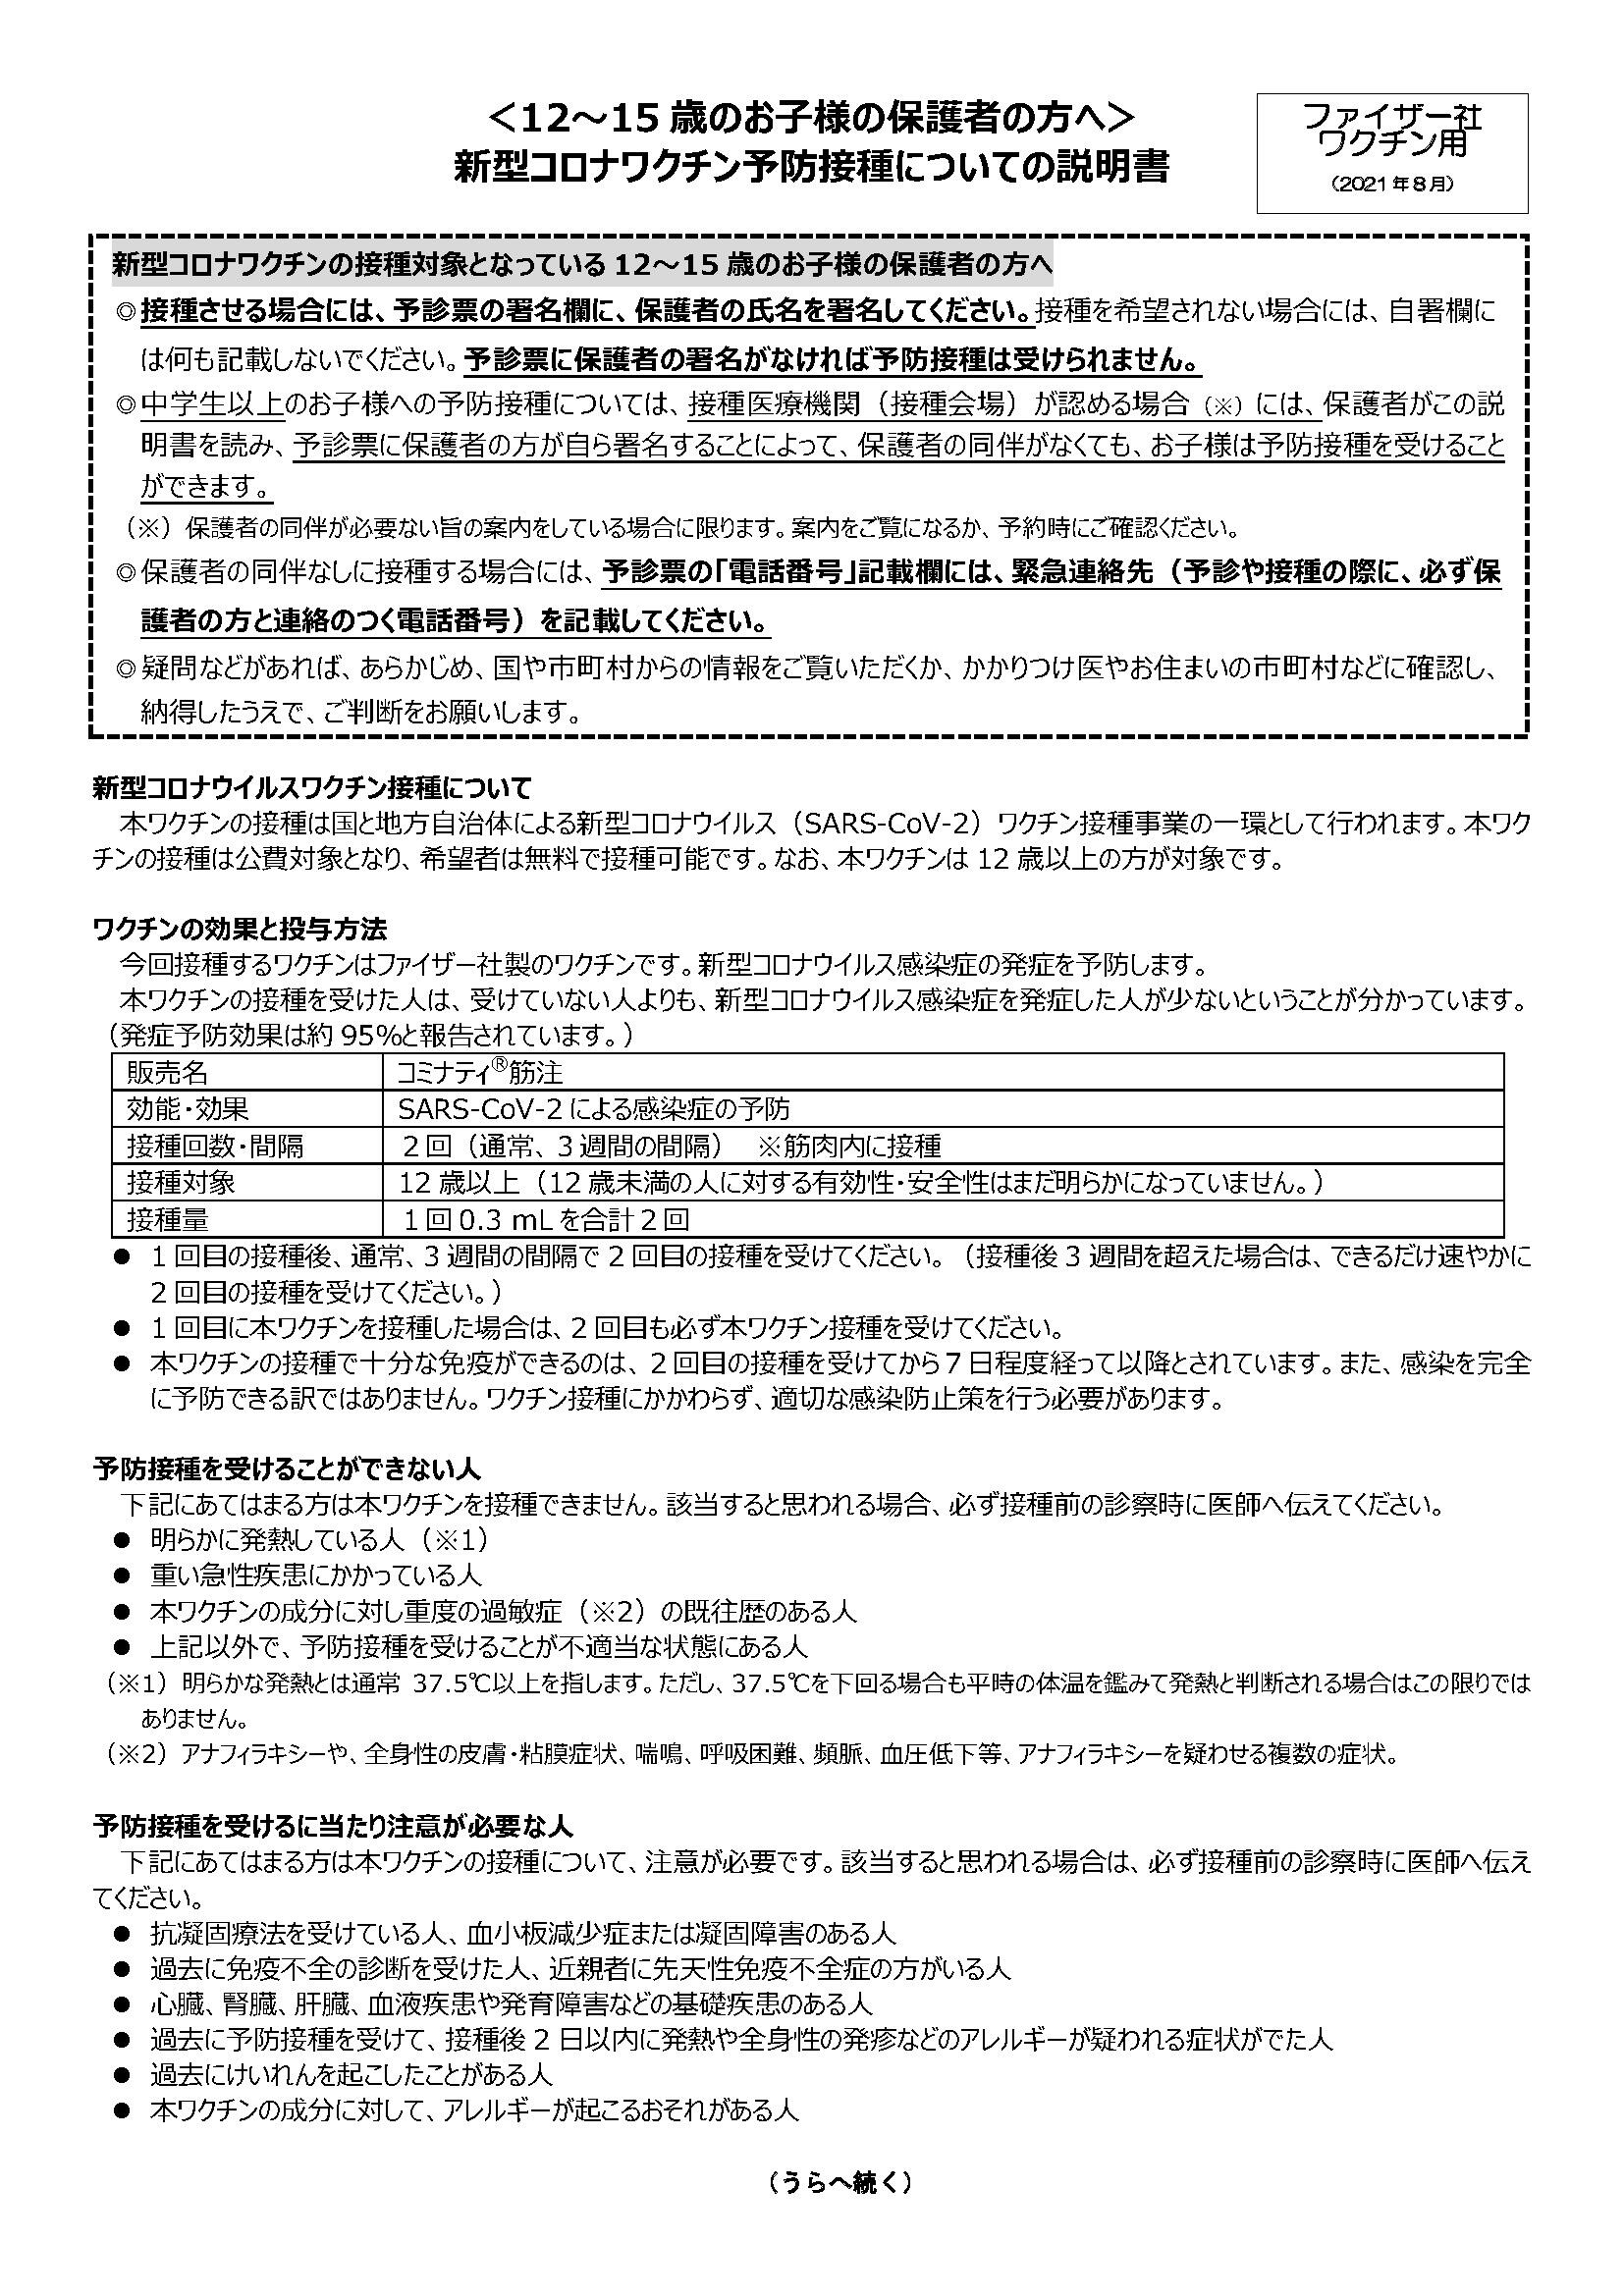 vaccinesetsumei_pfizer01.jpg